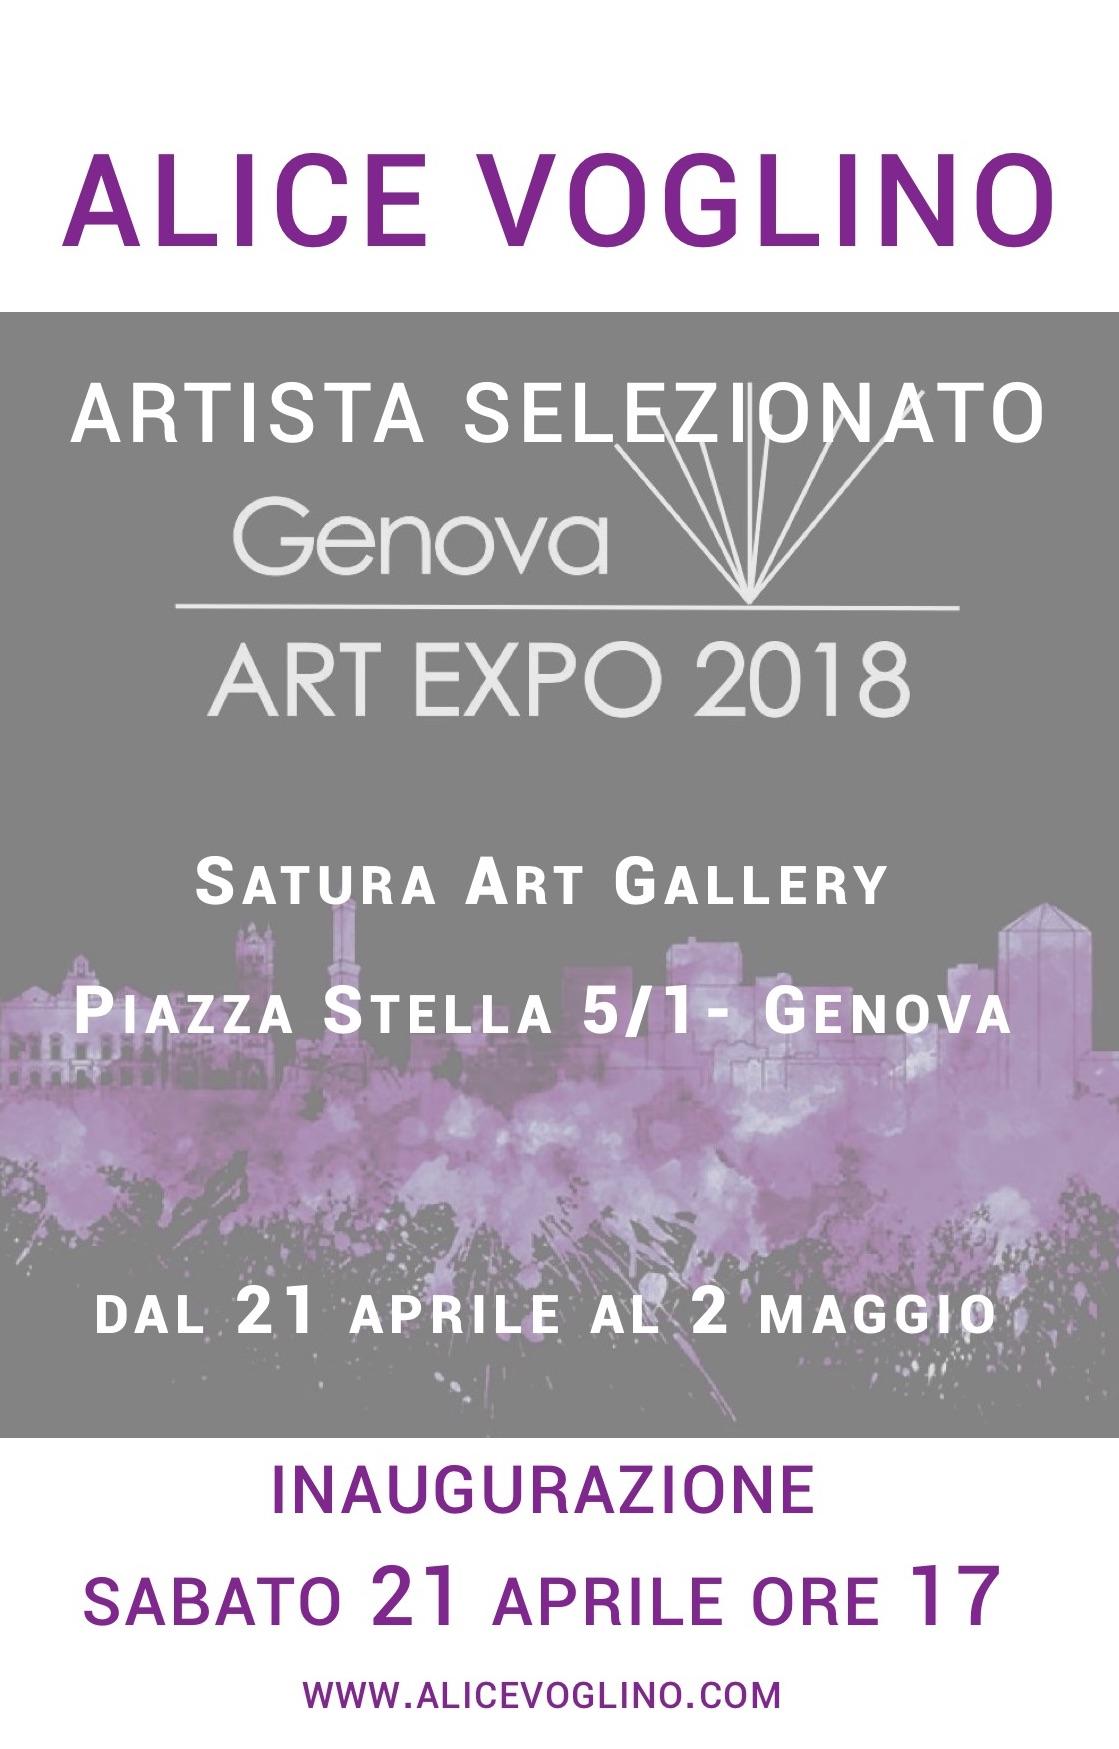 Alice Voglino_GenovaArtExpo2018_invito